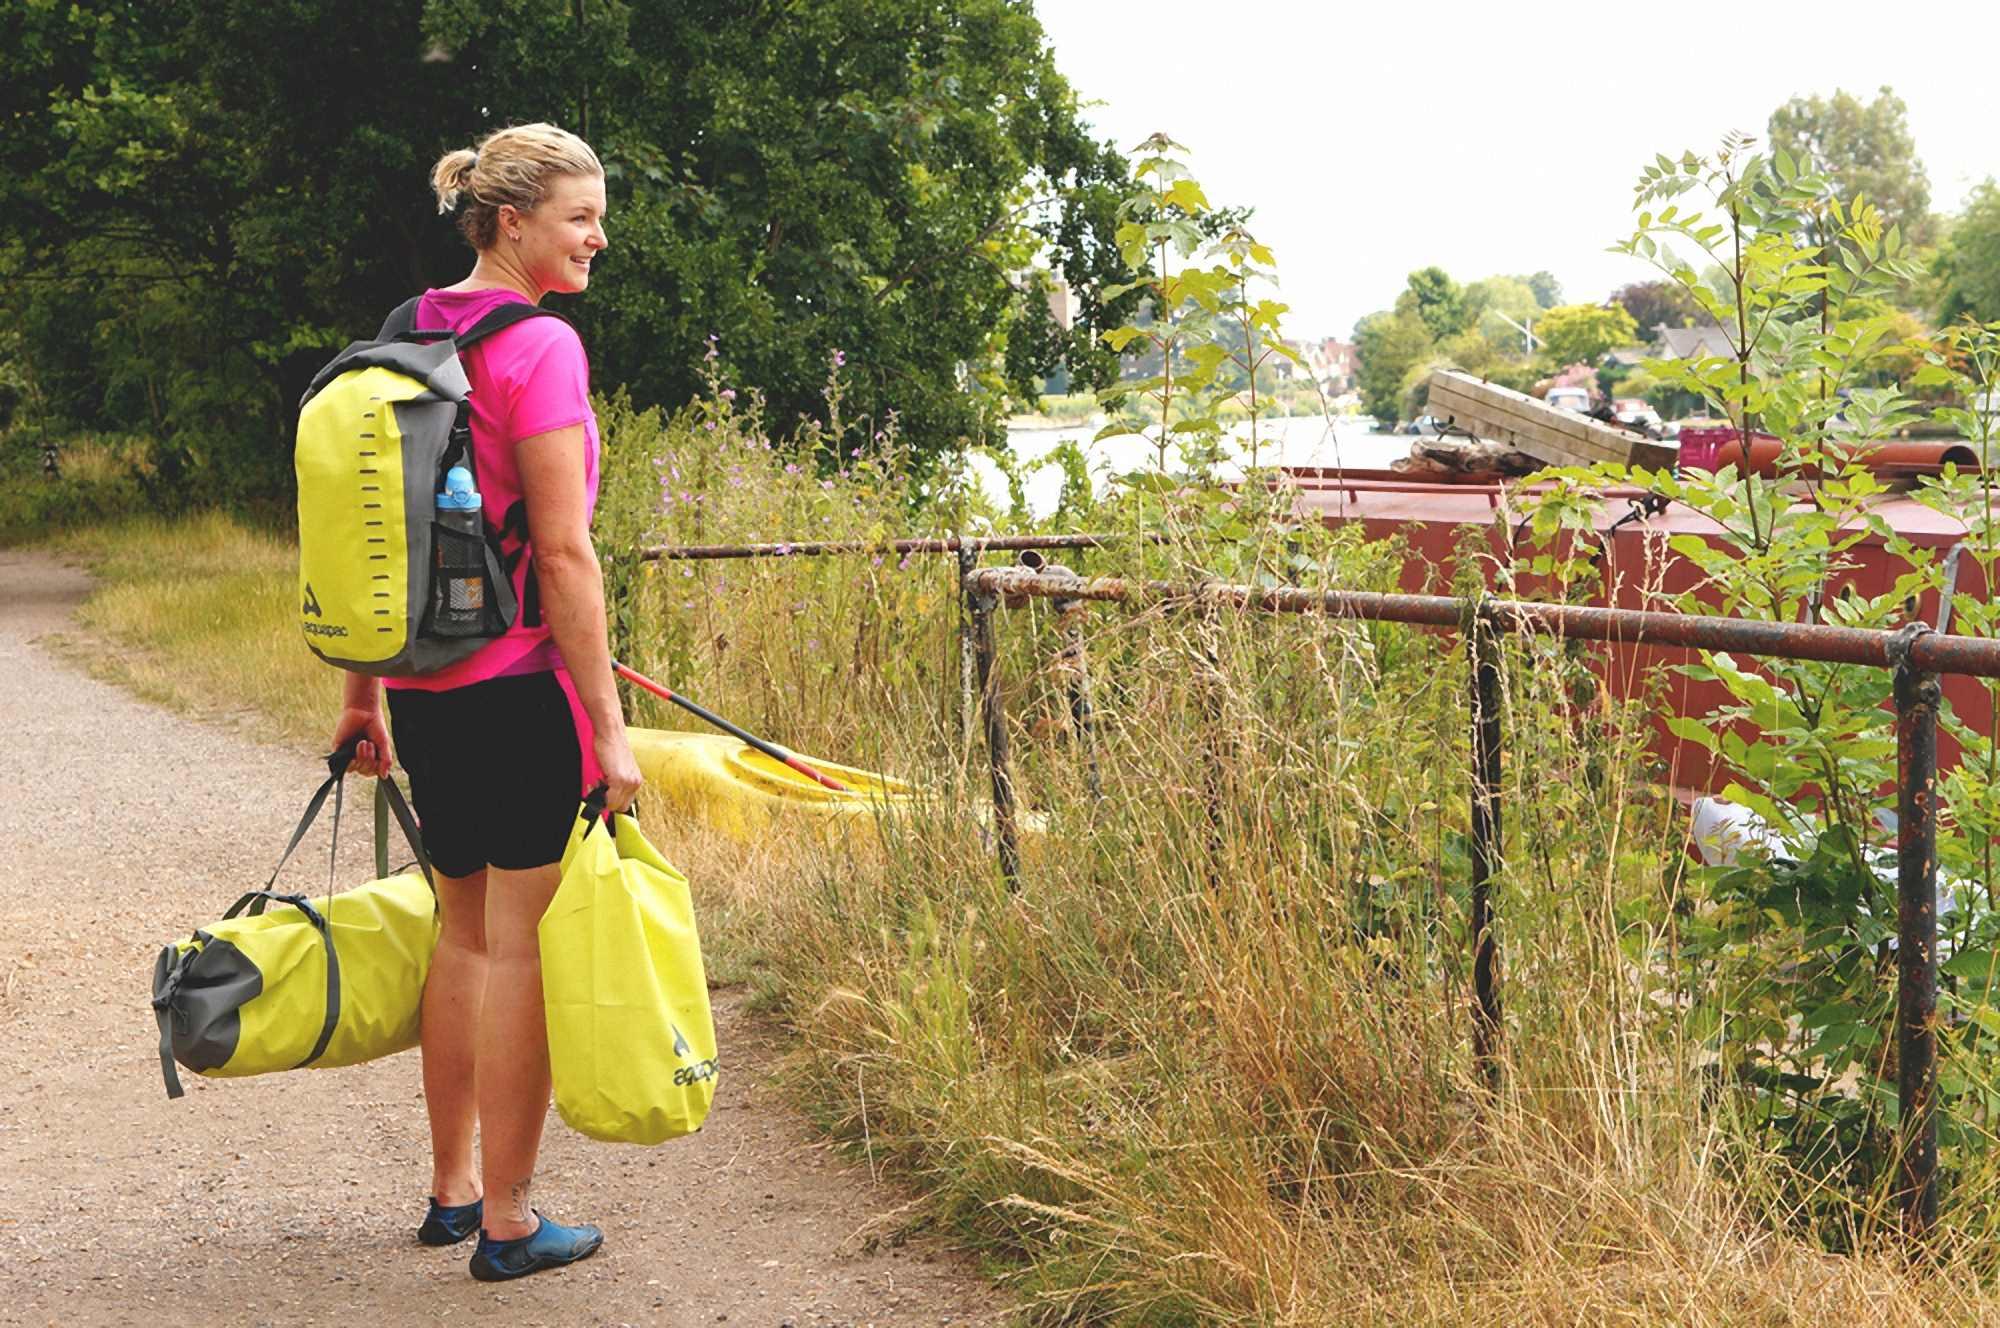 Водонепроницаемая сумка Aquapac 721 - TrailProof Duffels - 40L.. Aquapac - №1 в мире водонепроницаемых чехлов и сумок. Фото 6